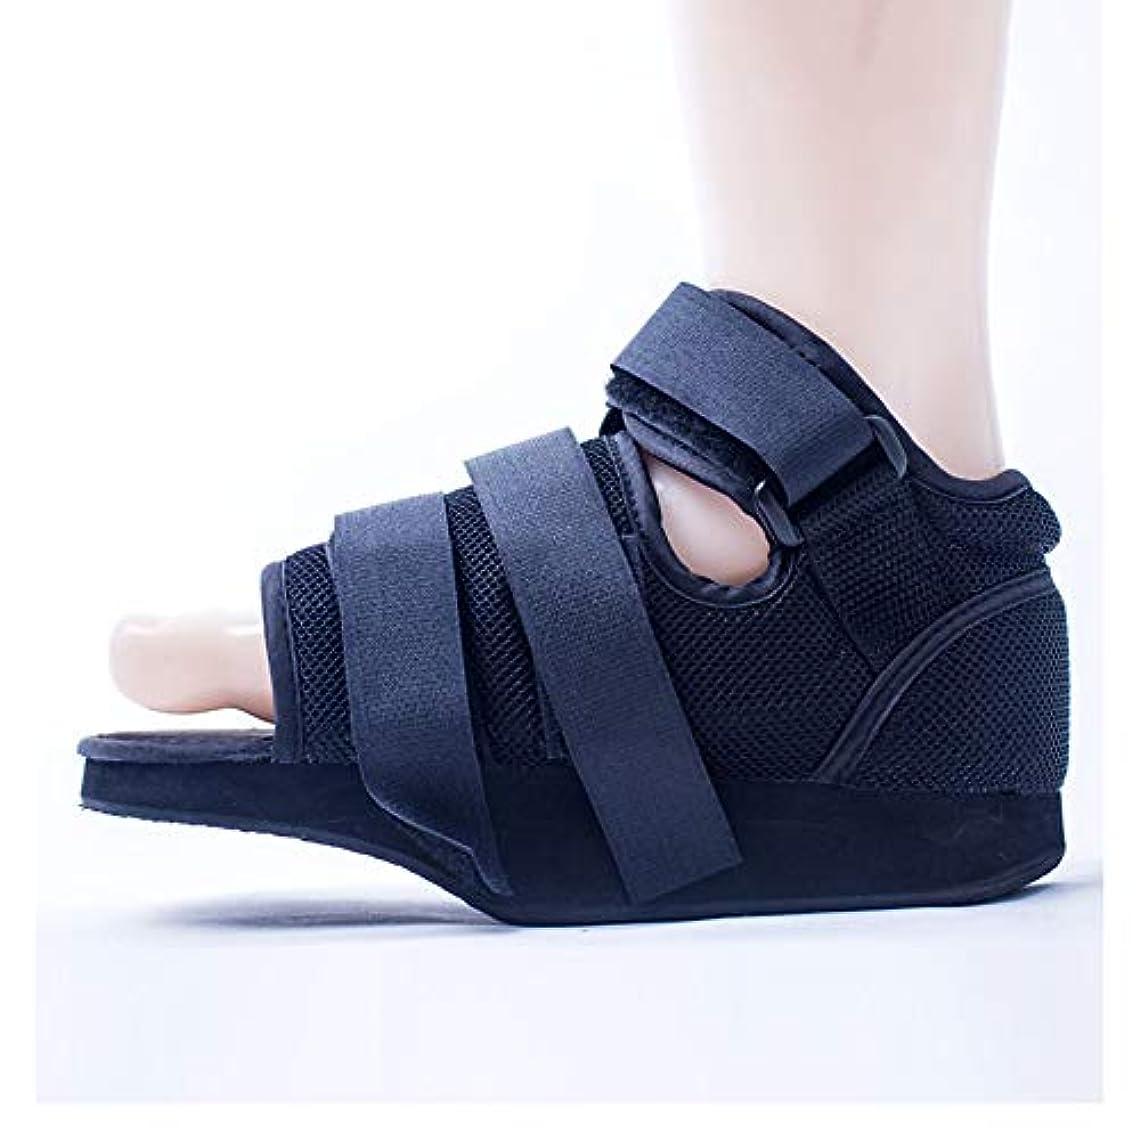 超えて宇宙の誇張する壊れたつま先/足の骨折のための術後スクエアトゥウォーキングシューズ - ボトムキャストシューズ術後の靴 - 調節可能な医療ウォーキングブーツ (Size : L)